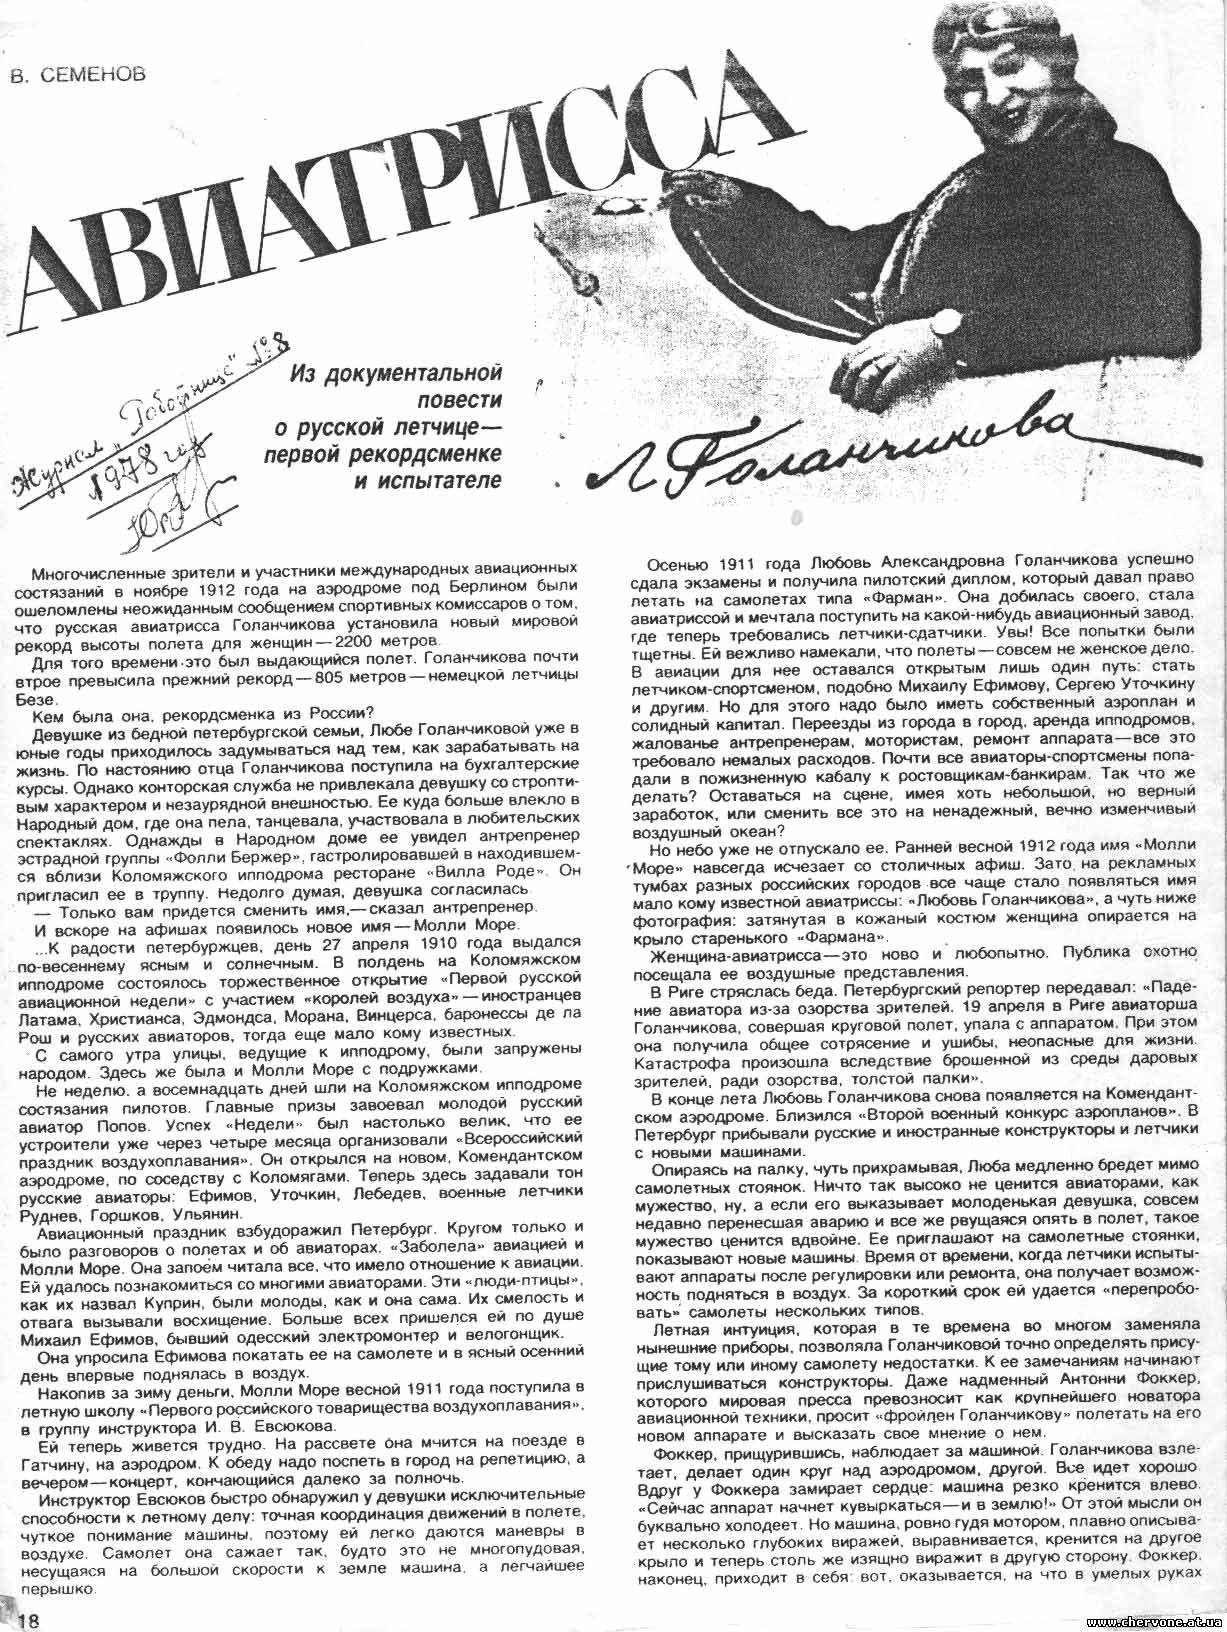 АВІАТРИСА - ГАЛАНЧИКОВА Л.О.